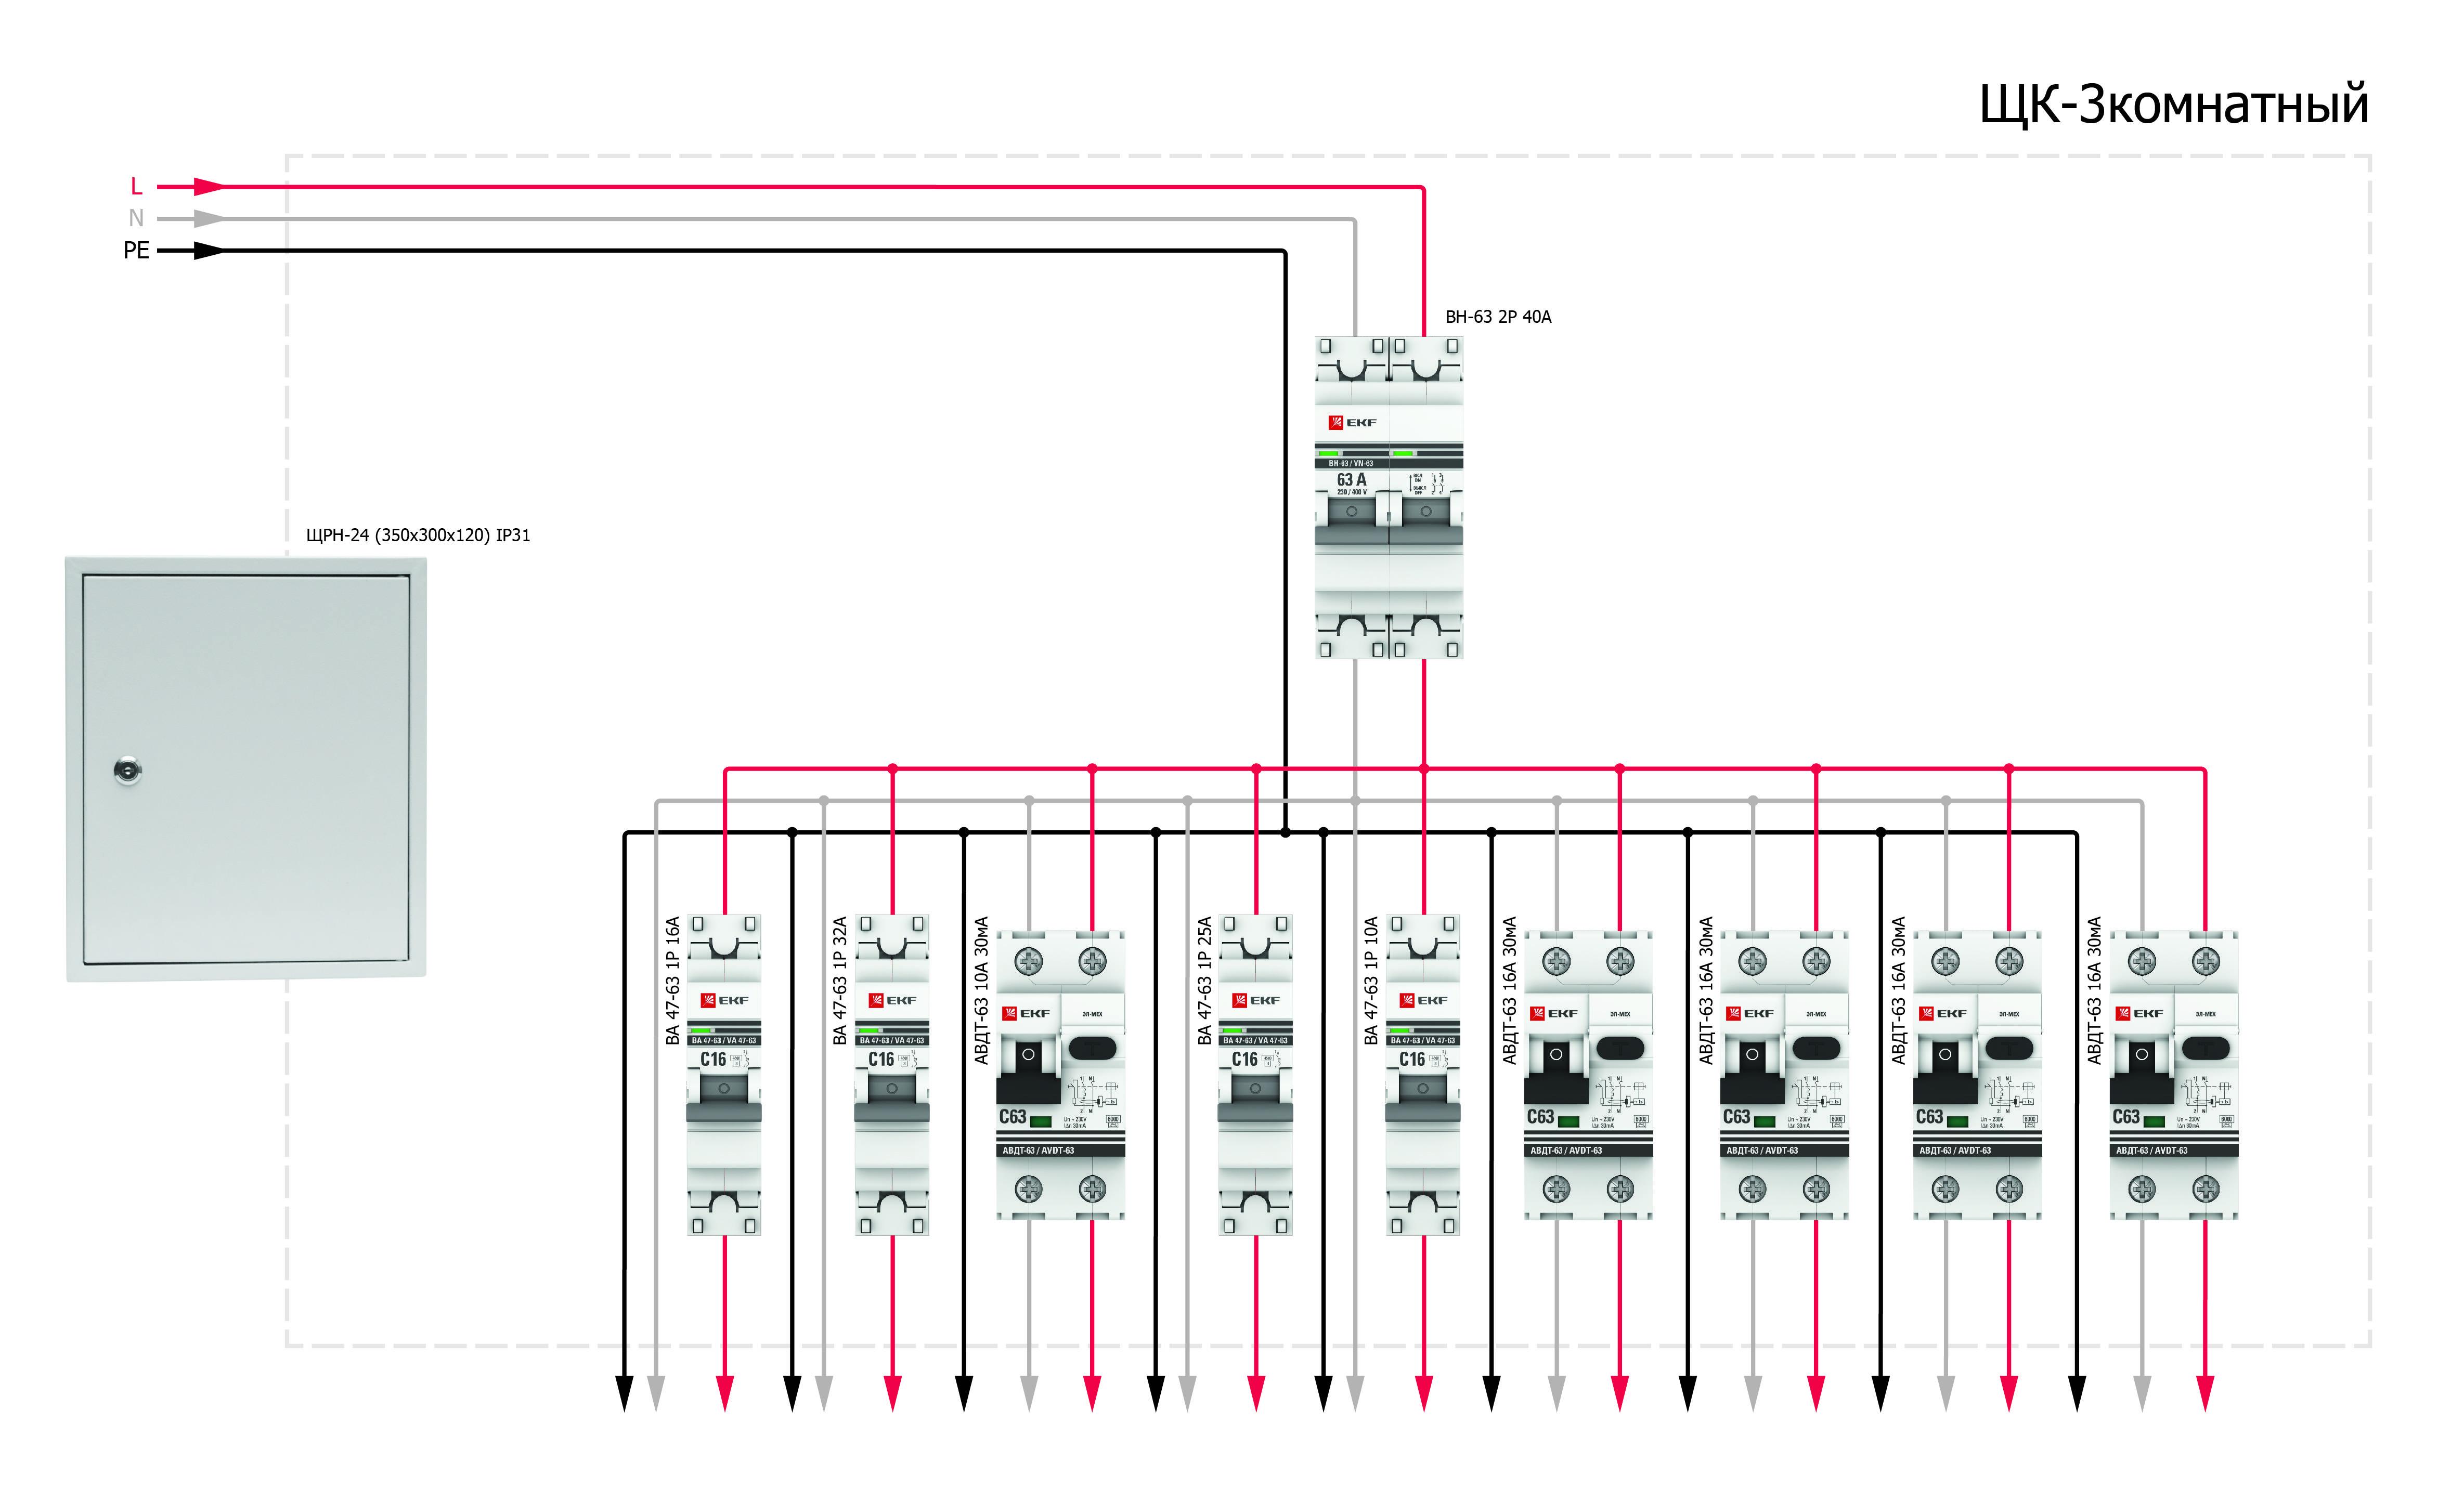 Оптимальная схема проводки в однокомнатной квартире